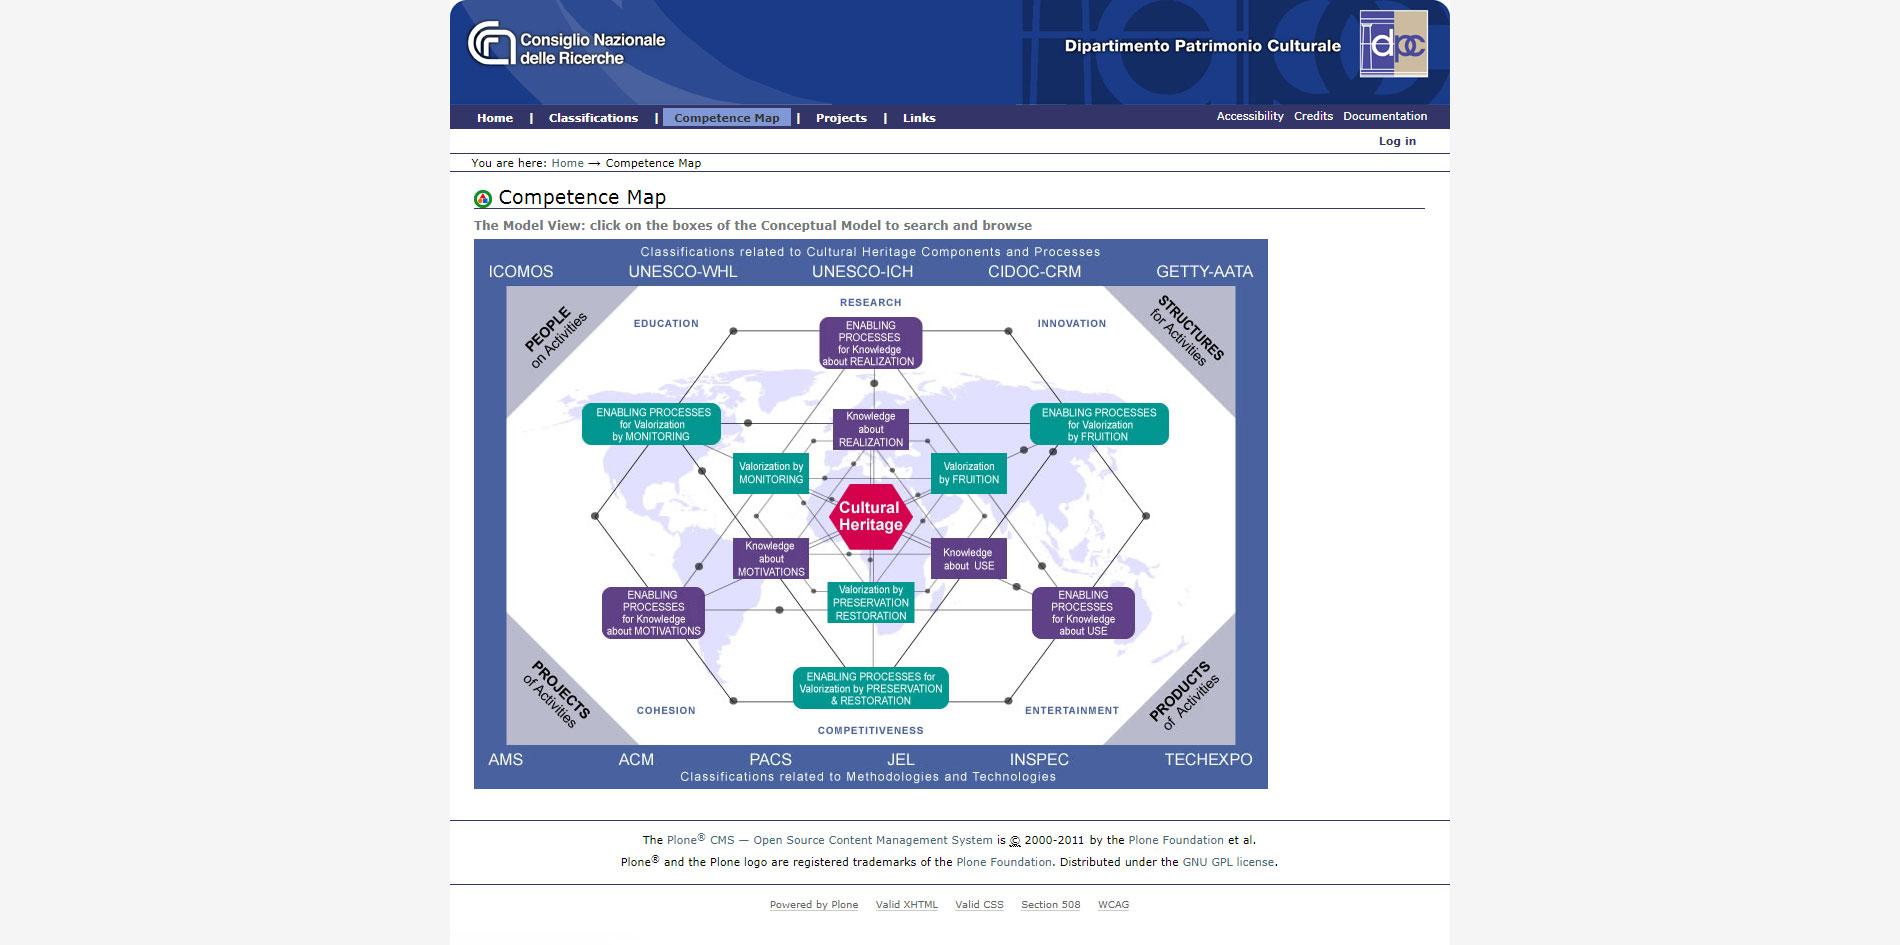 Mappa delle competenze relative al patrimonio culturale